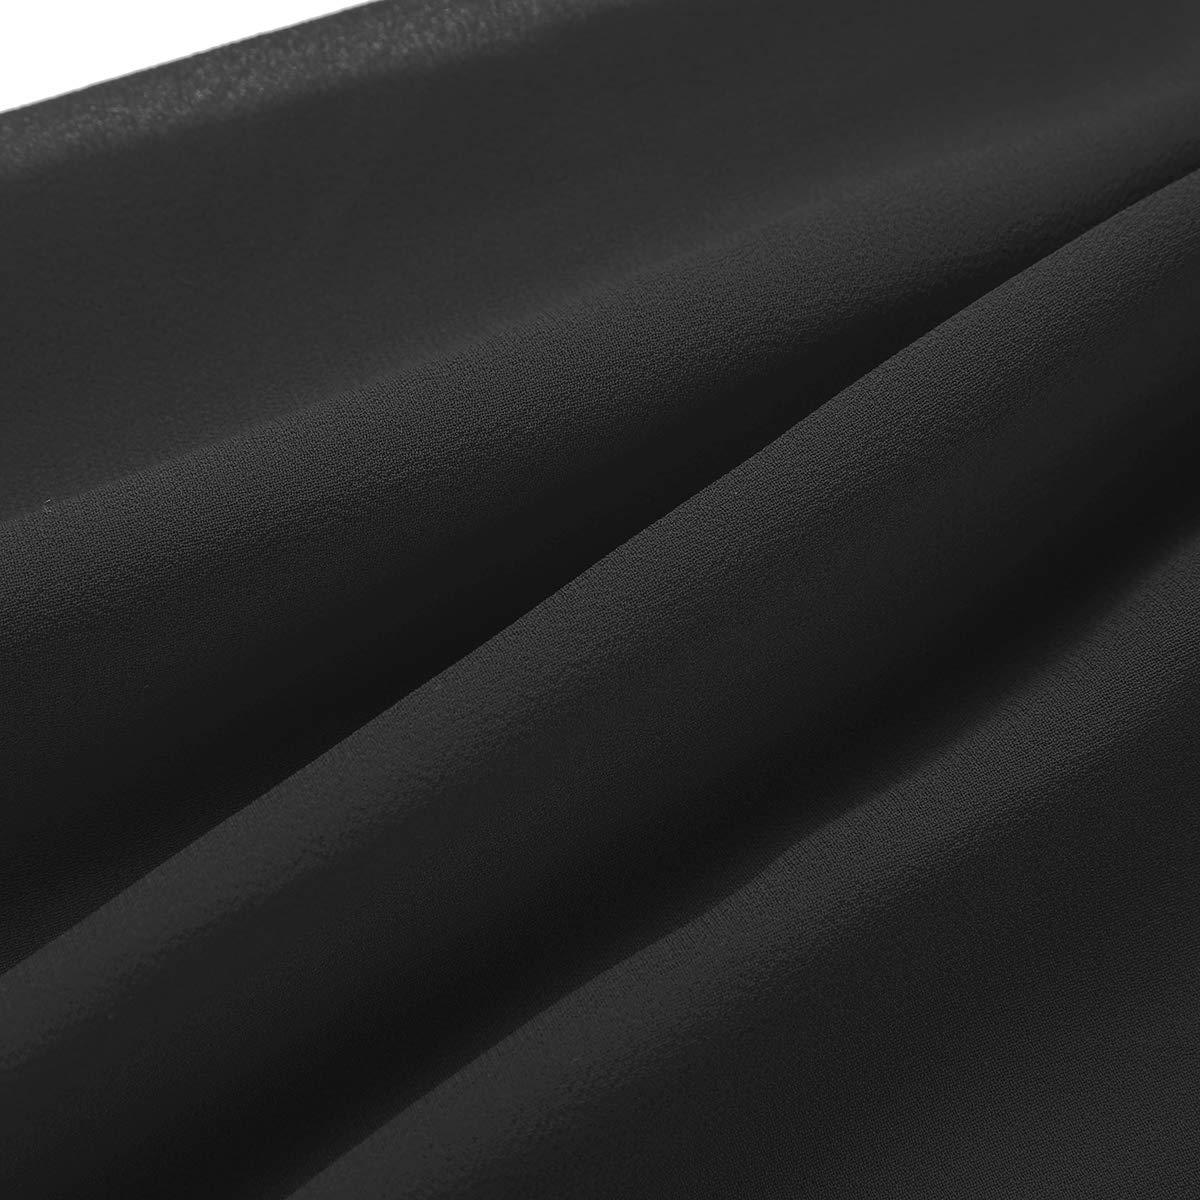 iEFiEL Coprispalle Bolero Donne Elegante Primavera Cardigan Corto Cover Up Copricostume da Donna in Chiffon Cappotto Leggero Giacca Corta Copri Manica Lunga Estate Fresco